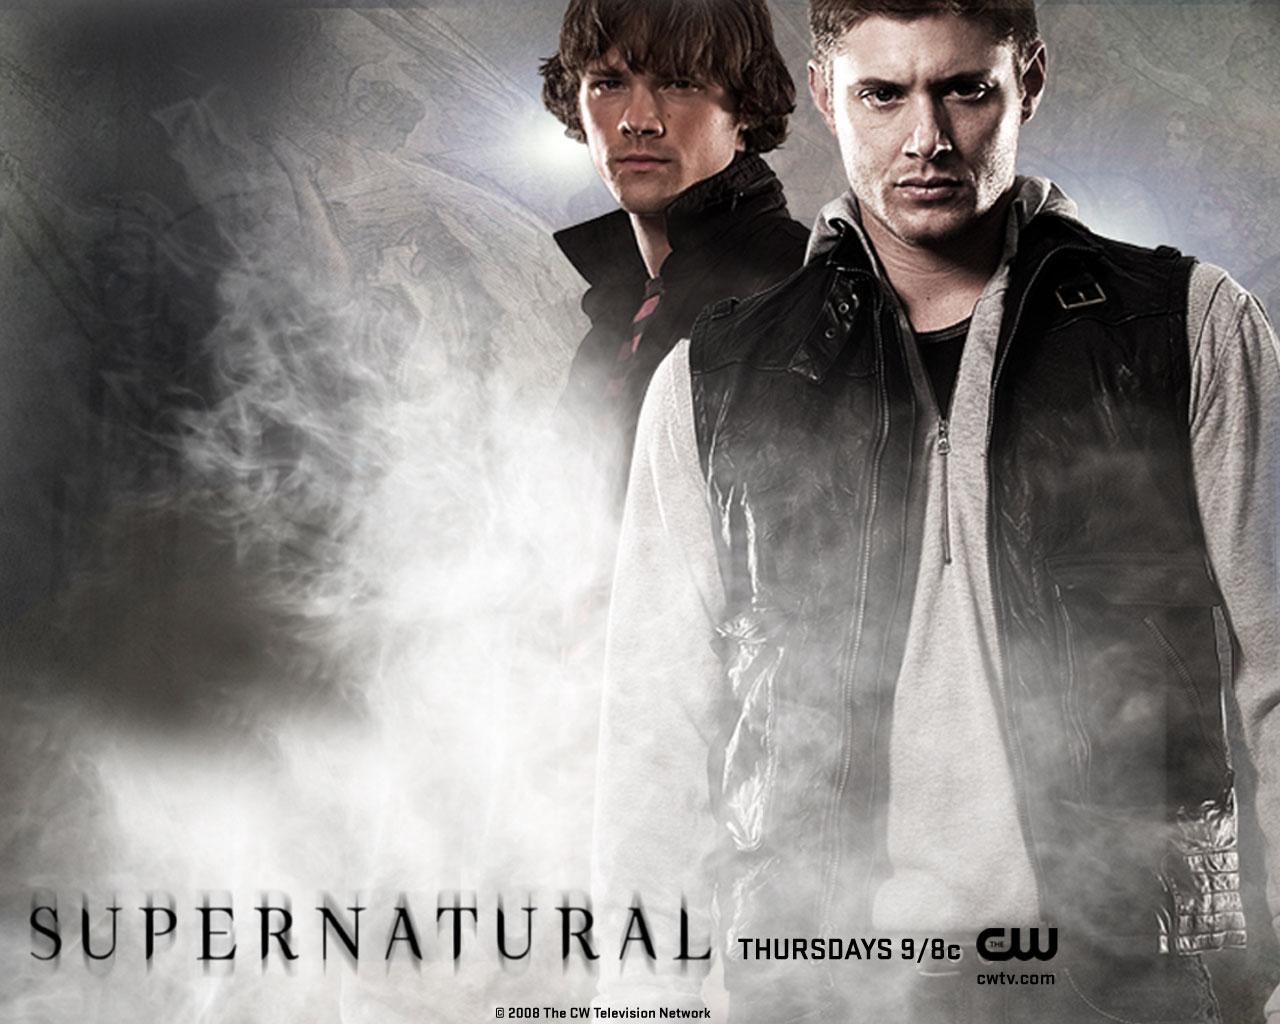 http://1.bp.blogspot.com/--zKZSC419Bs/Tjvk1dz2OlI/AAAAAAAAAuc/69azSMXRgHY/s1600/supernatural.jpg